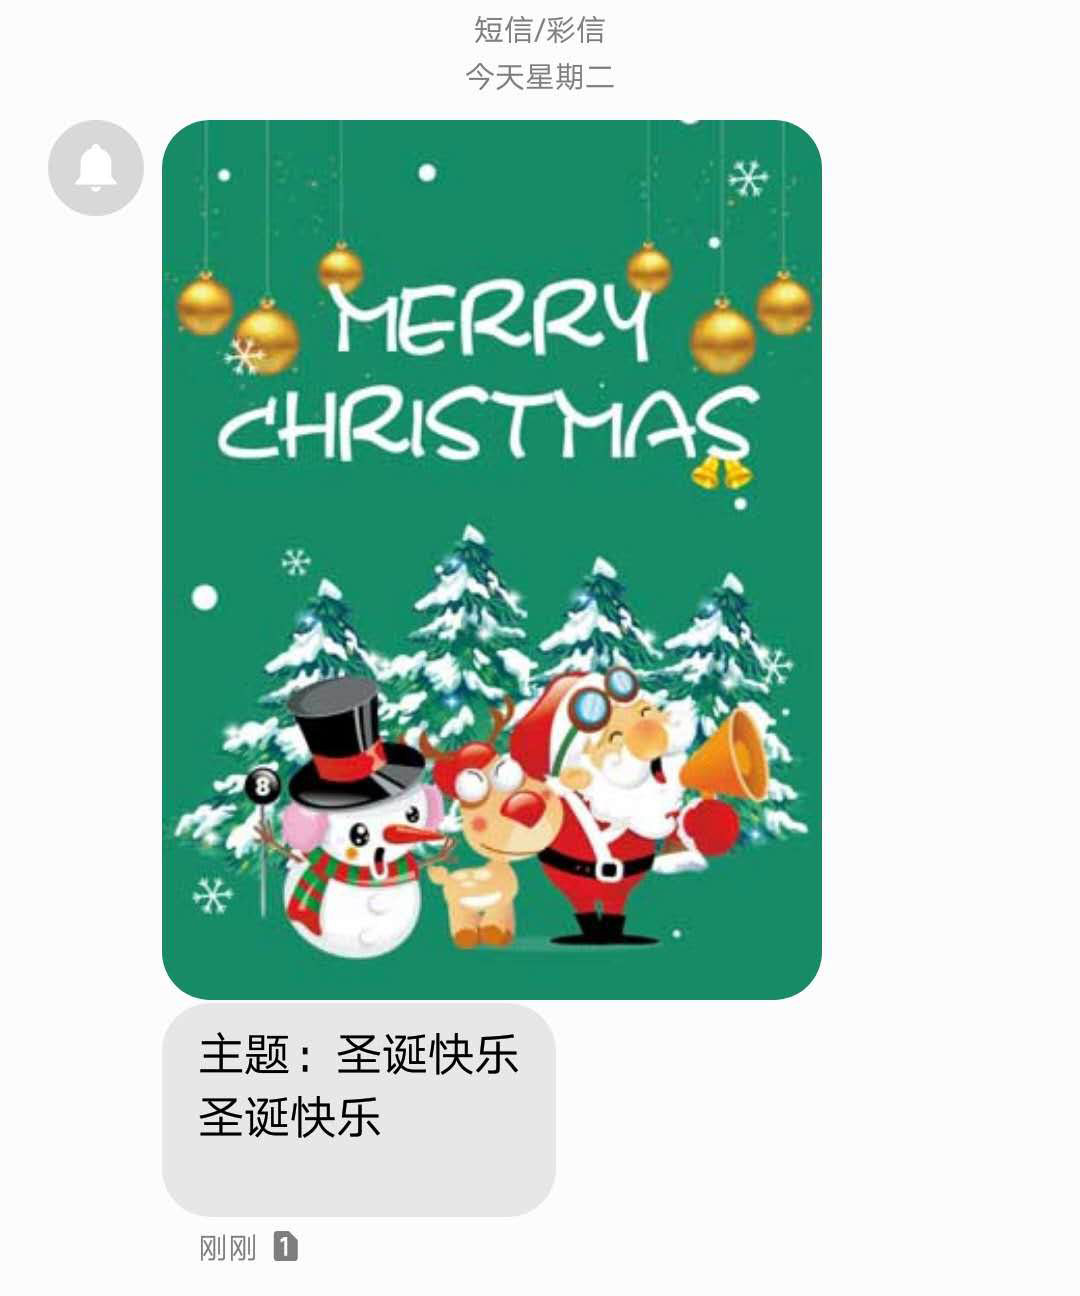 圣诞群发彩信祝福